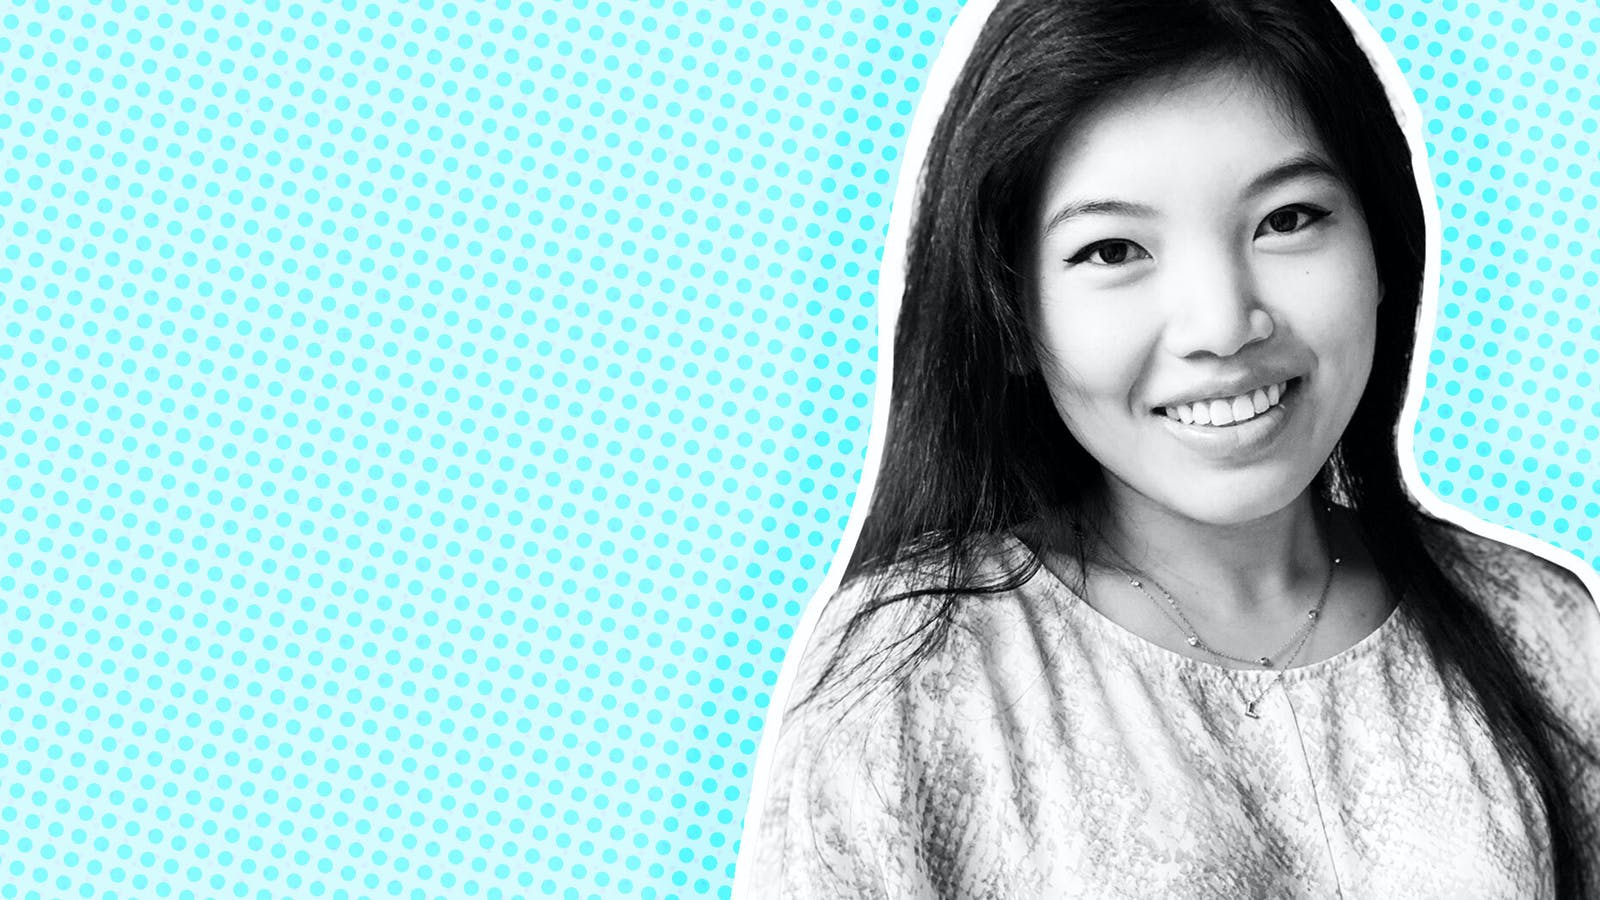 Atelier Ventures' Li Jin. Photo: Li Jin